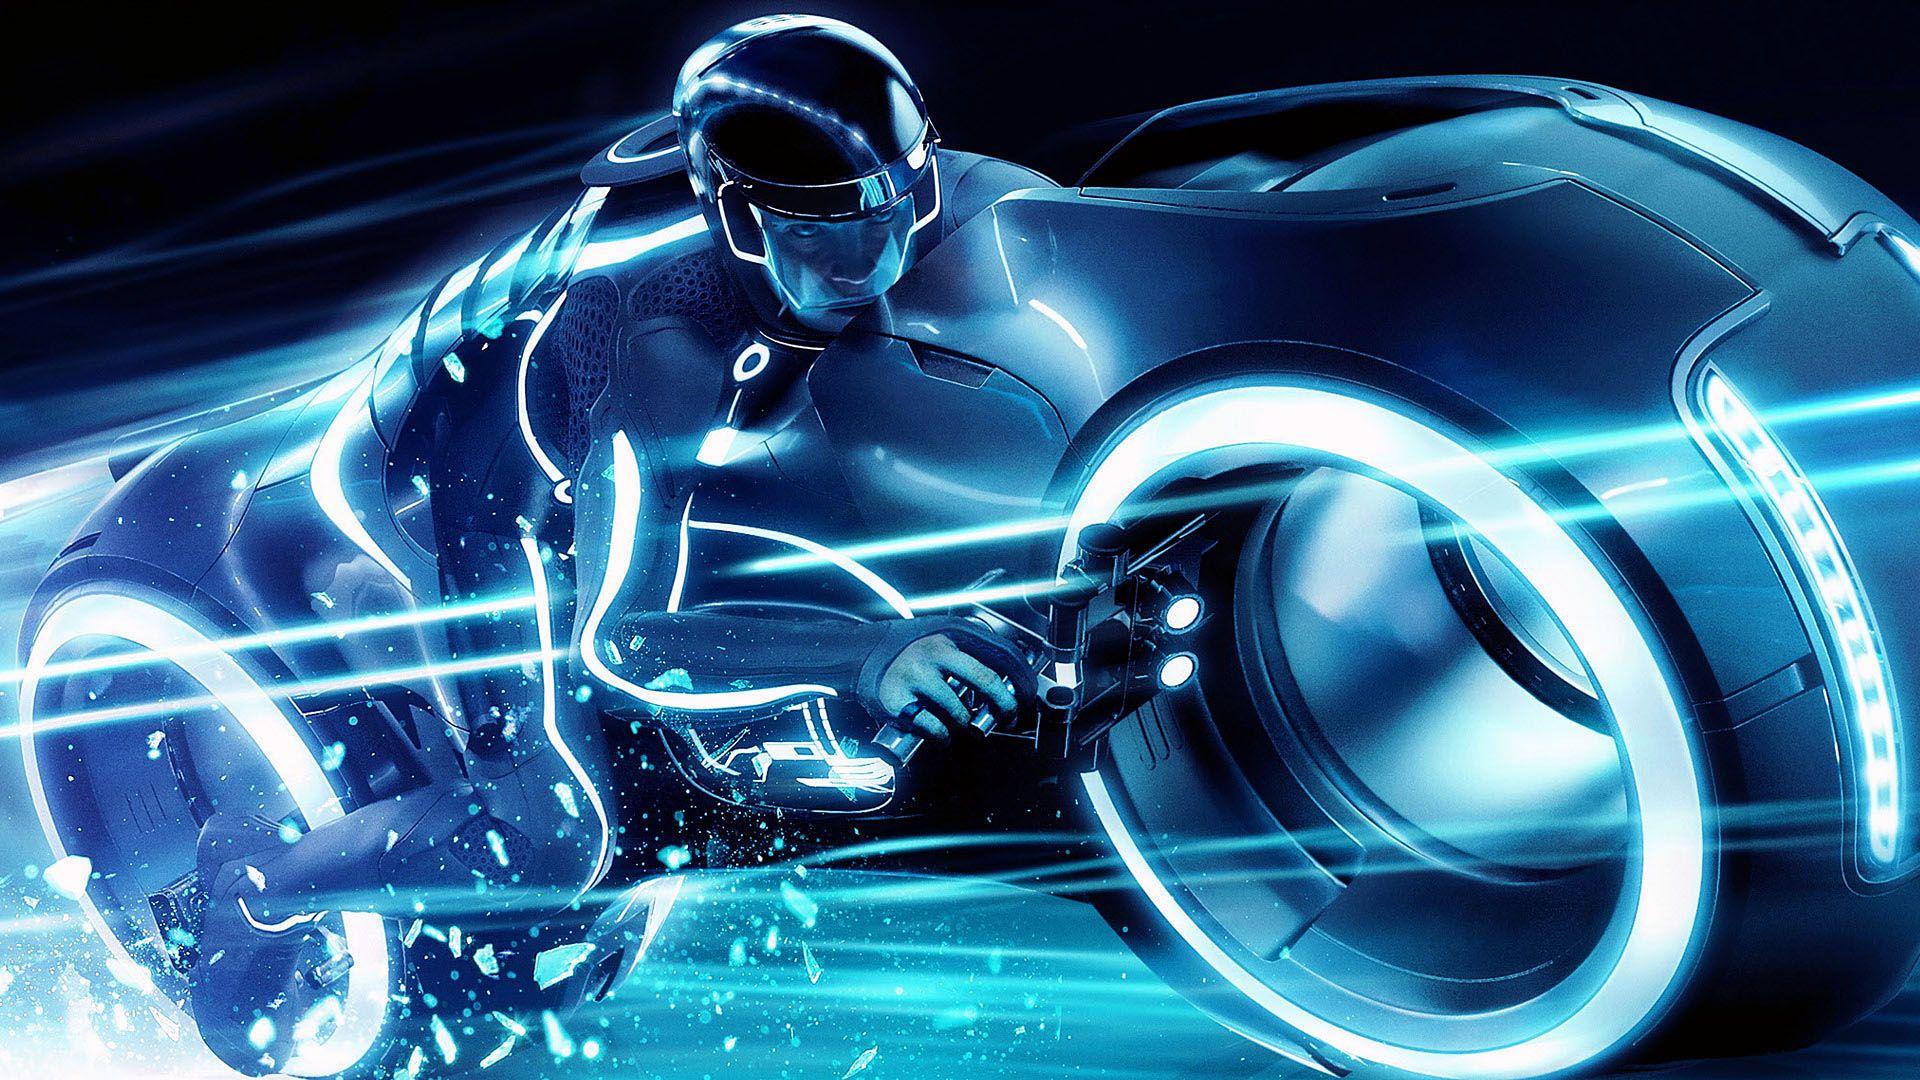 Bon Tron Bike HD Wallpaper | Wallpapers | Pinterest | Tron Bike And Hd Wallpaper